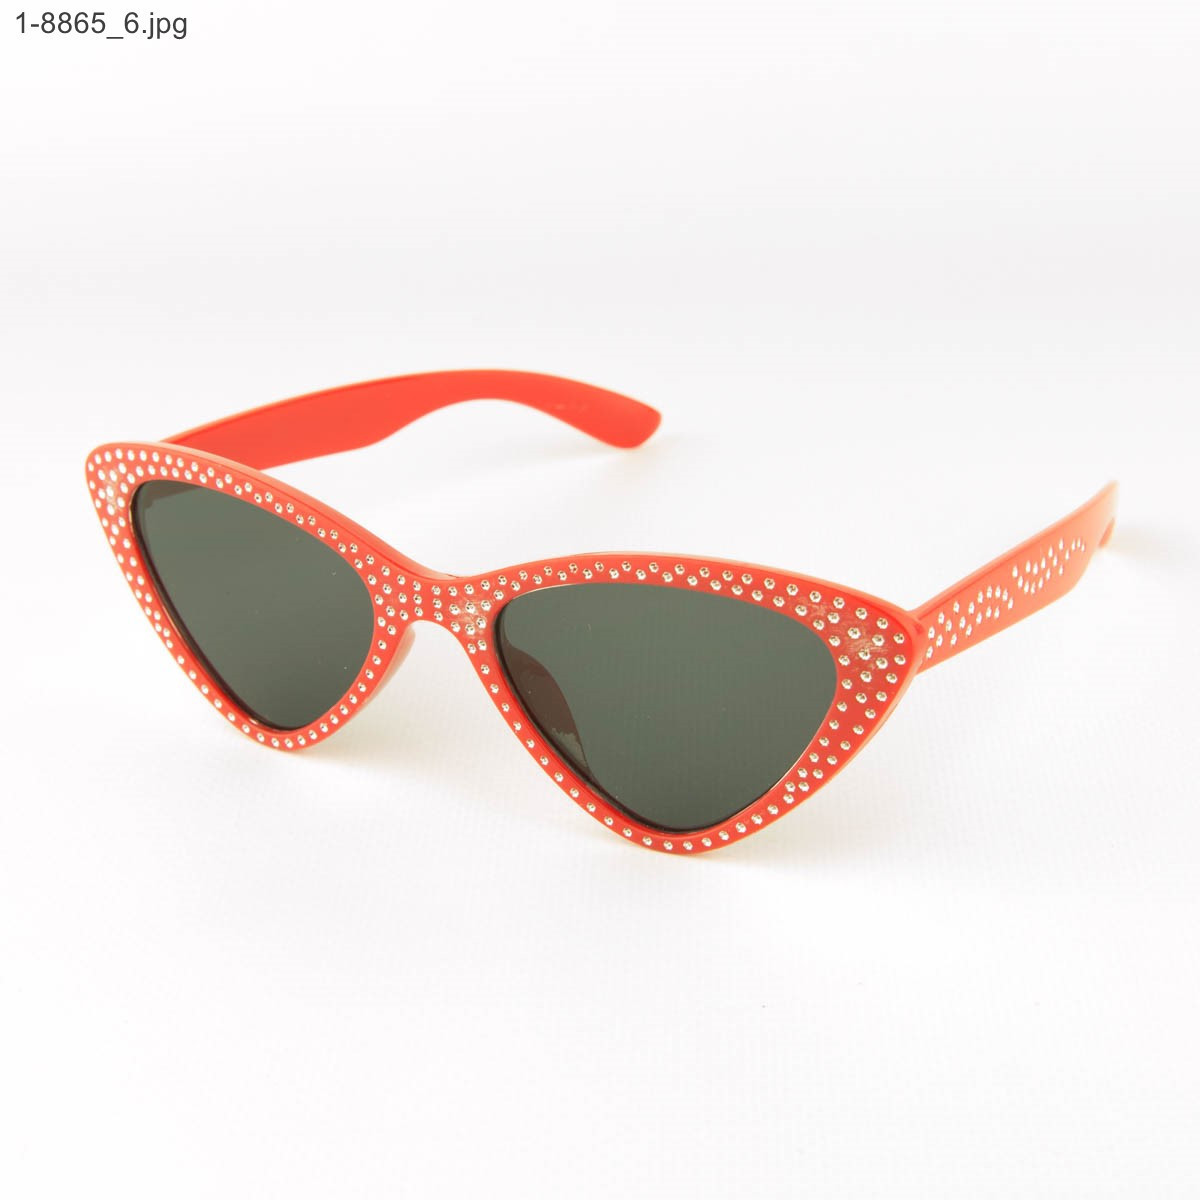 Оптом модні окуляри котяче око - Червоні зі стразами (імітація) - 1-8865